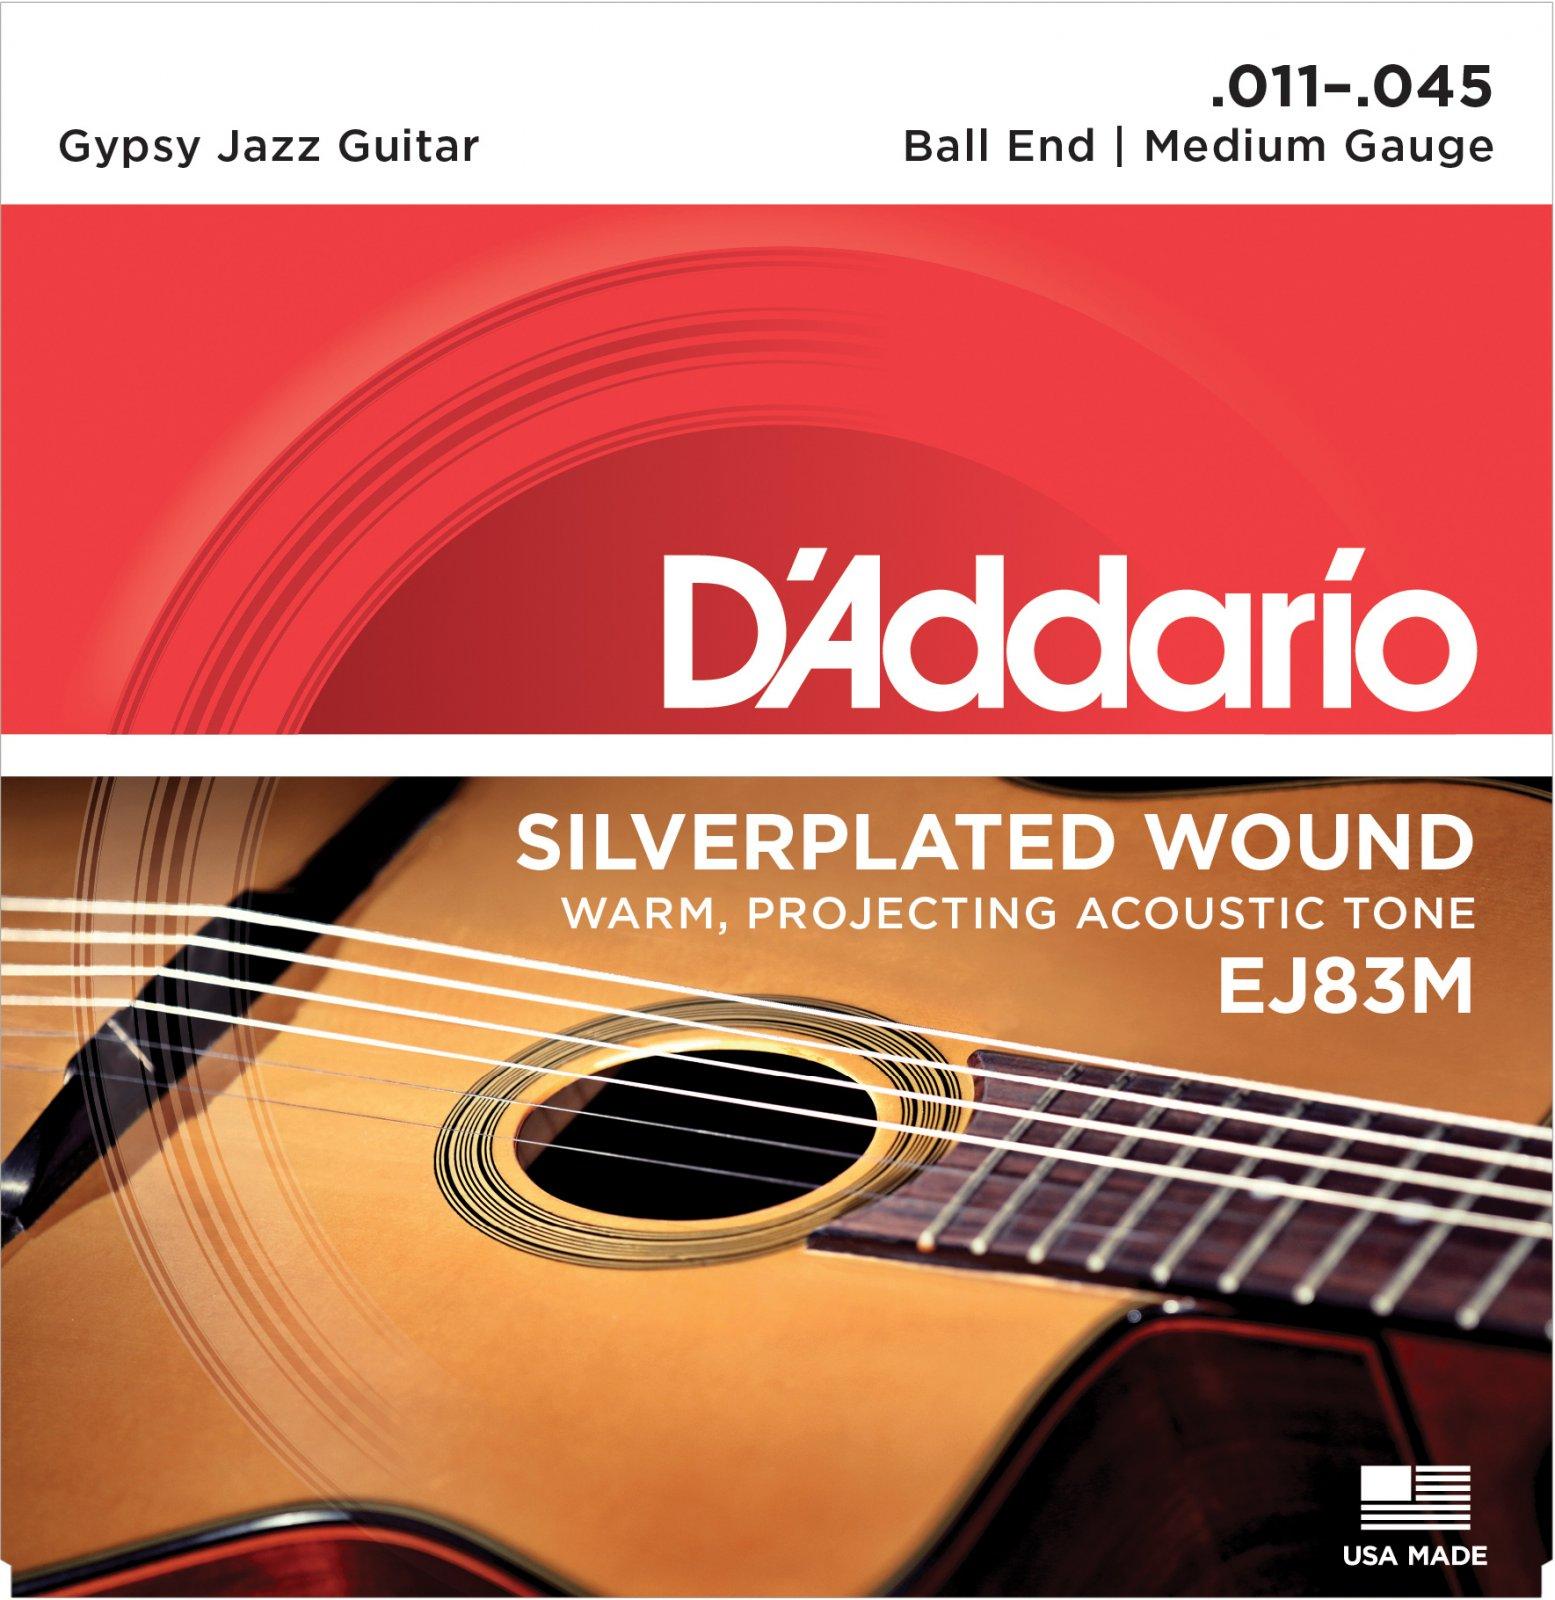 D'Addario EJ83M Gypsy Jazz Acoustic Guitar Strings Ball End Medium 11-45